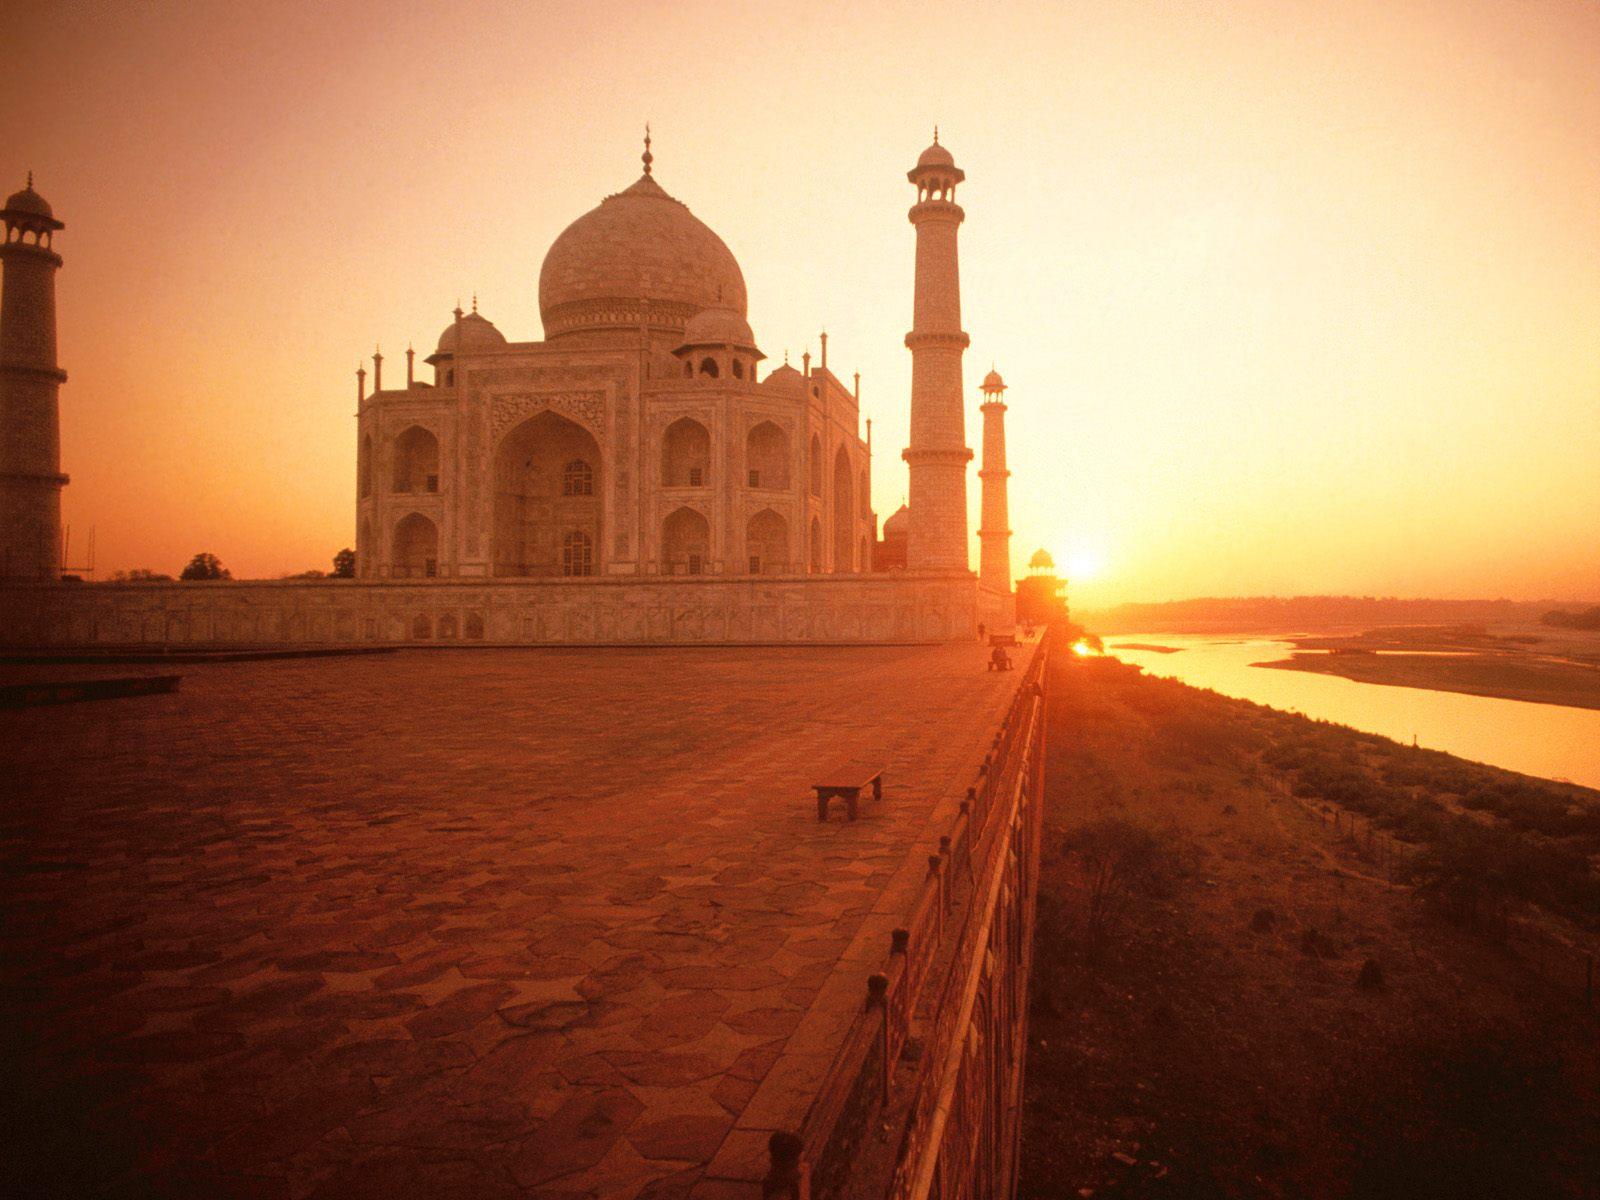 http://3.bp.blogspot.com/-JQX5hvBzG5k/TjFkoRn6jgI/AAAAAAAABXg/uoclRVtGRxg/s1600/The+Taj+Mahal+at+Sunset%252C+India.jpg